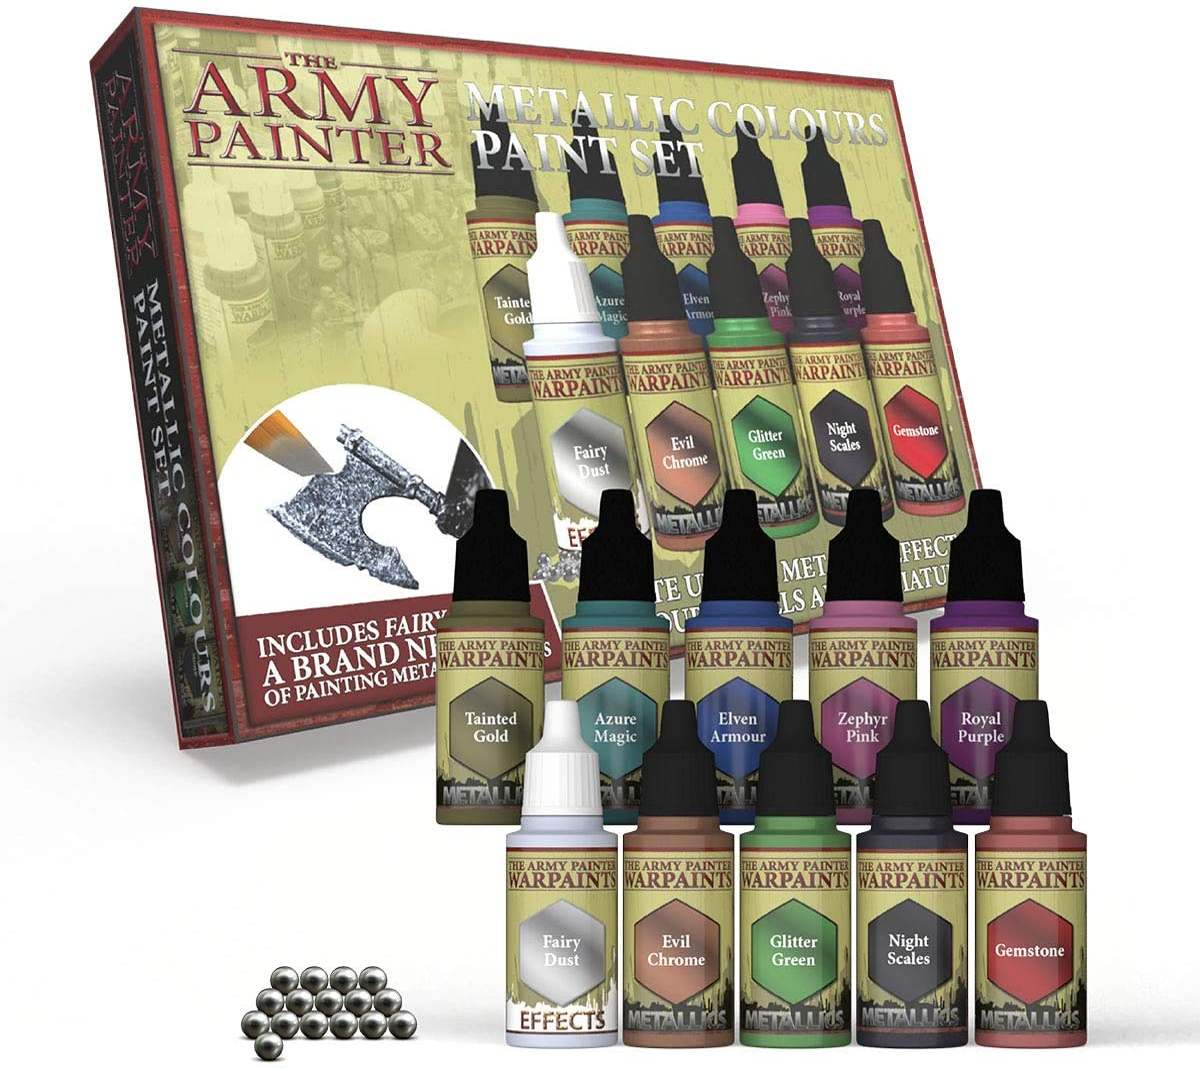 The Army Painter   Metallic Colours Paint Set   10 Pinturas Metálicas y Bolas de Mezcla   para Pintura y Modelado de Figuras Miniatura de Wargames